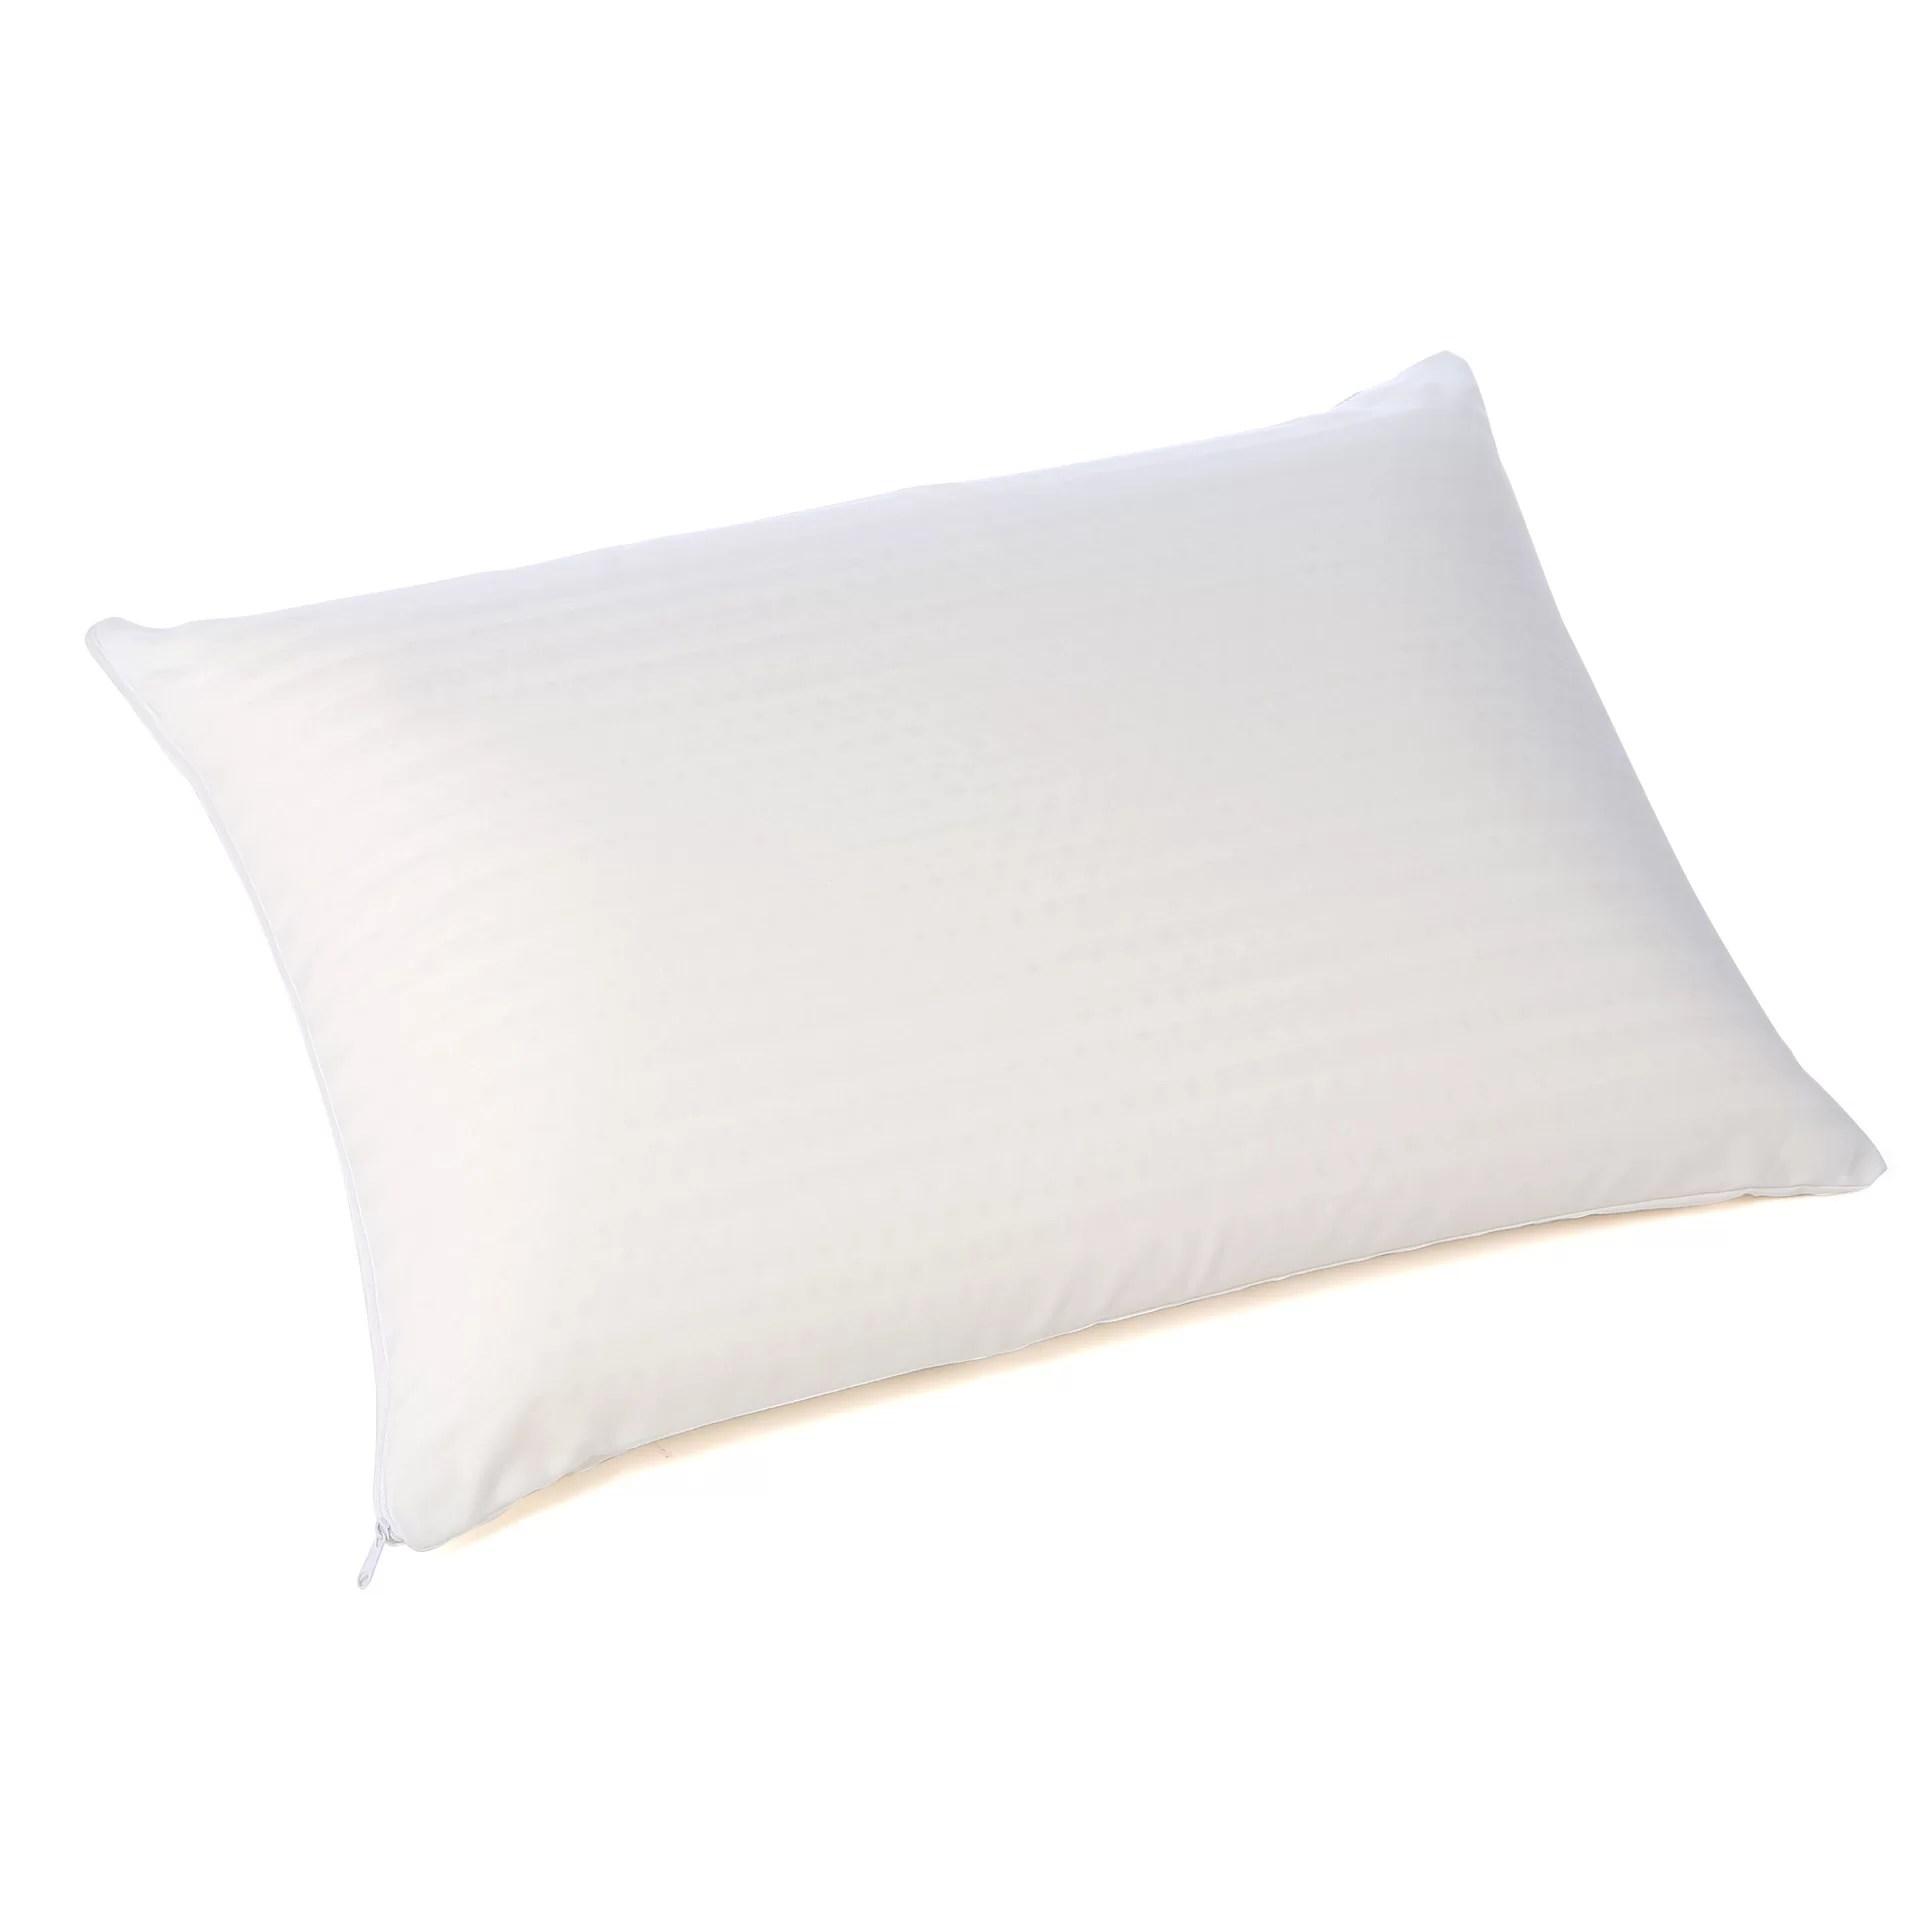 Simmons Beautyrest Latex Bed Pillow  Reviews  Wayfair